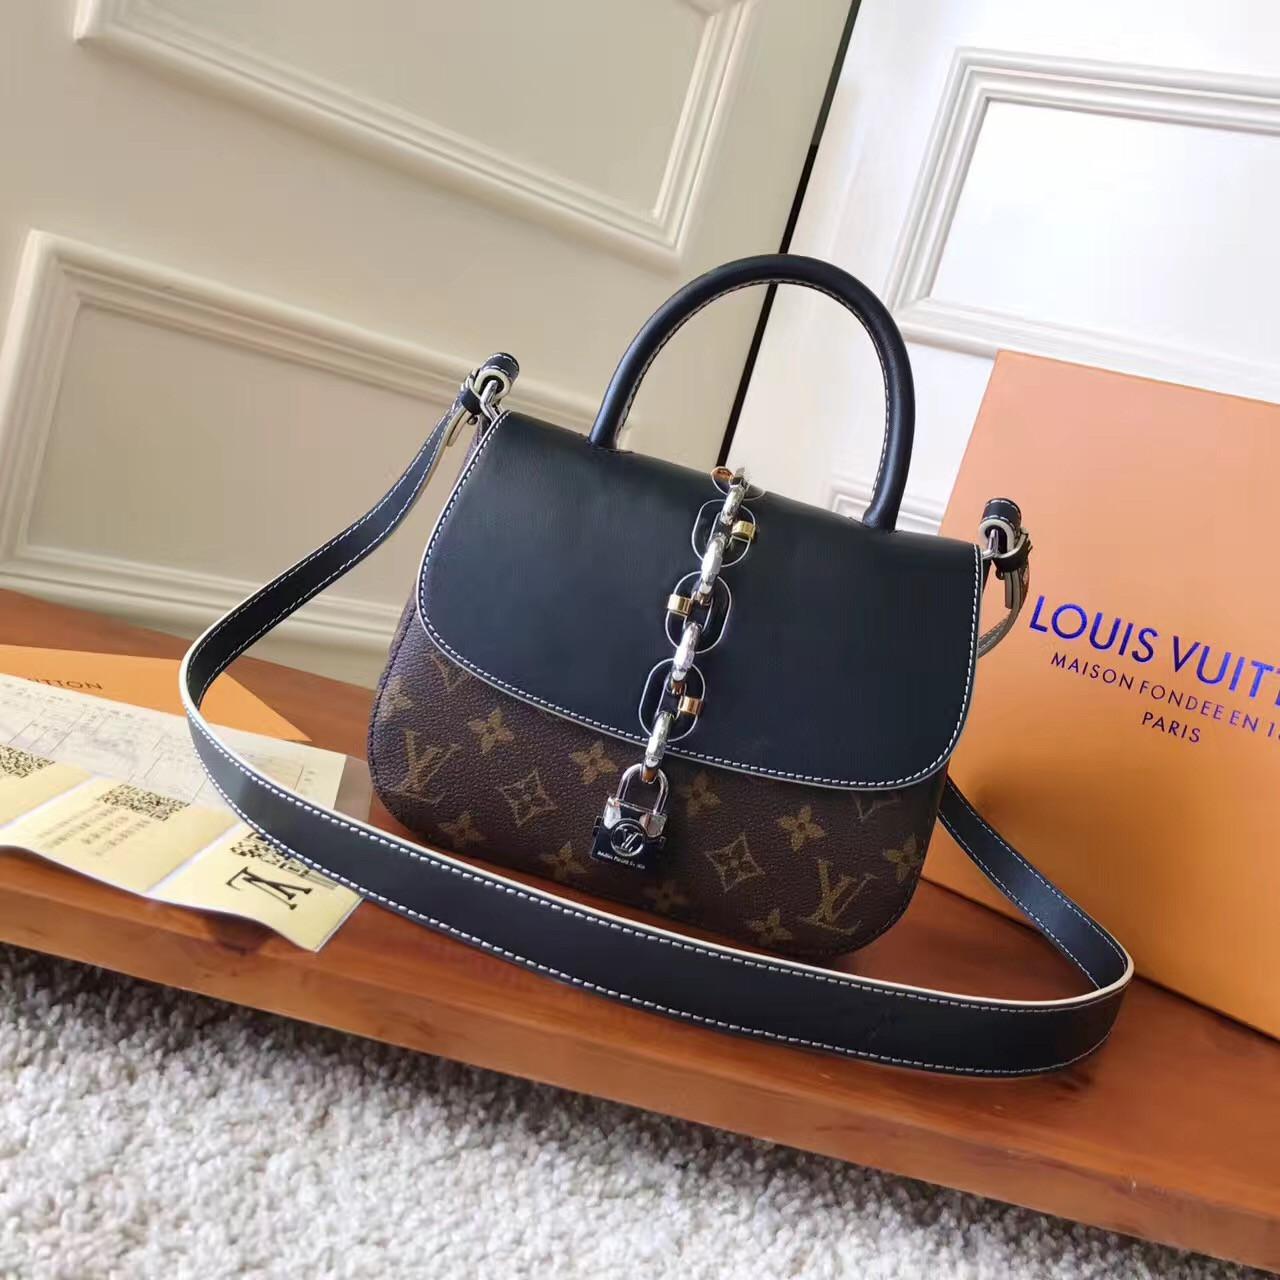 8d9ea591b7b6 Женская сумка Louis Vuitton Chain It PM, реплика 7А класса - VKstore в Киеве